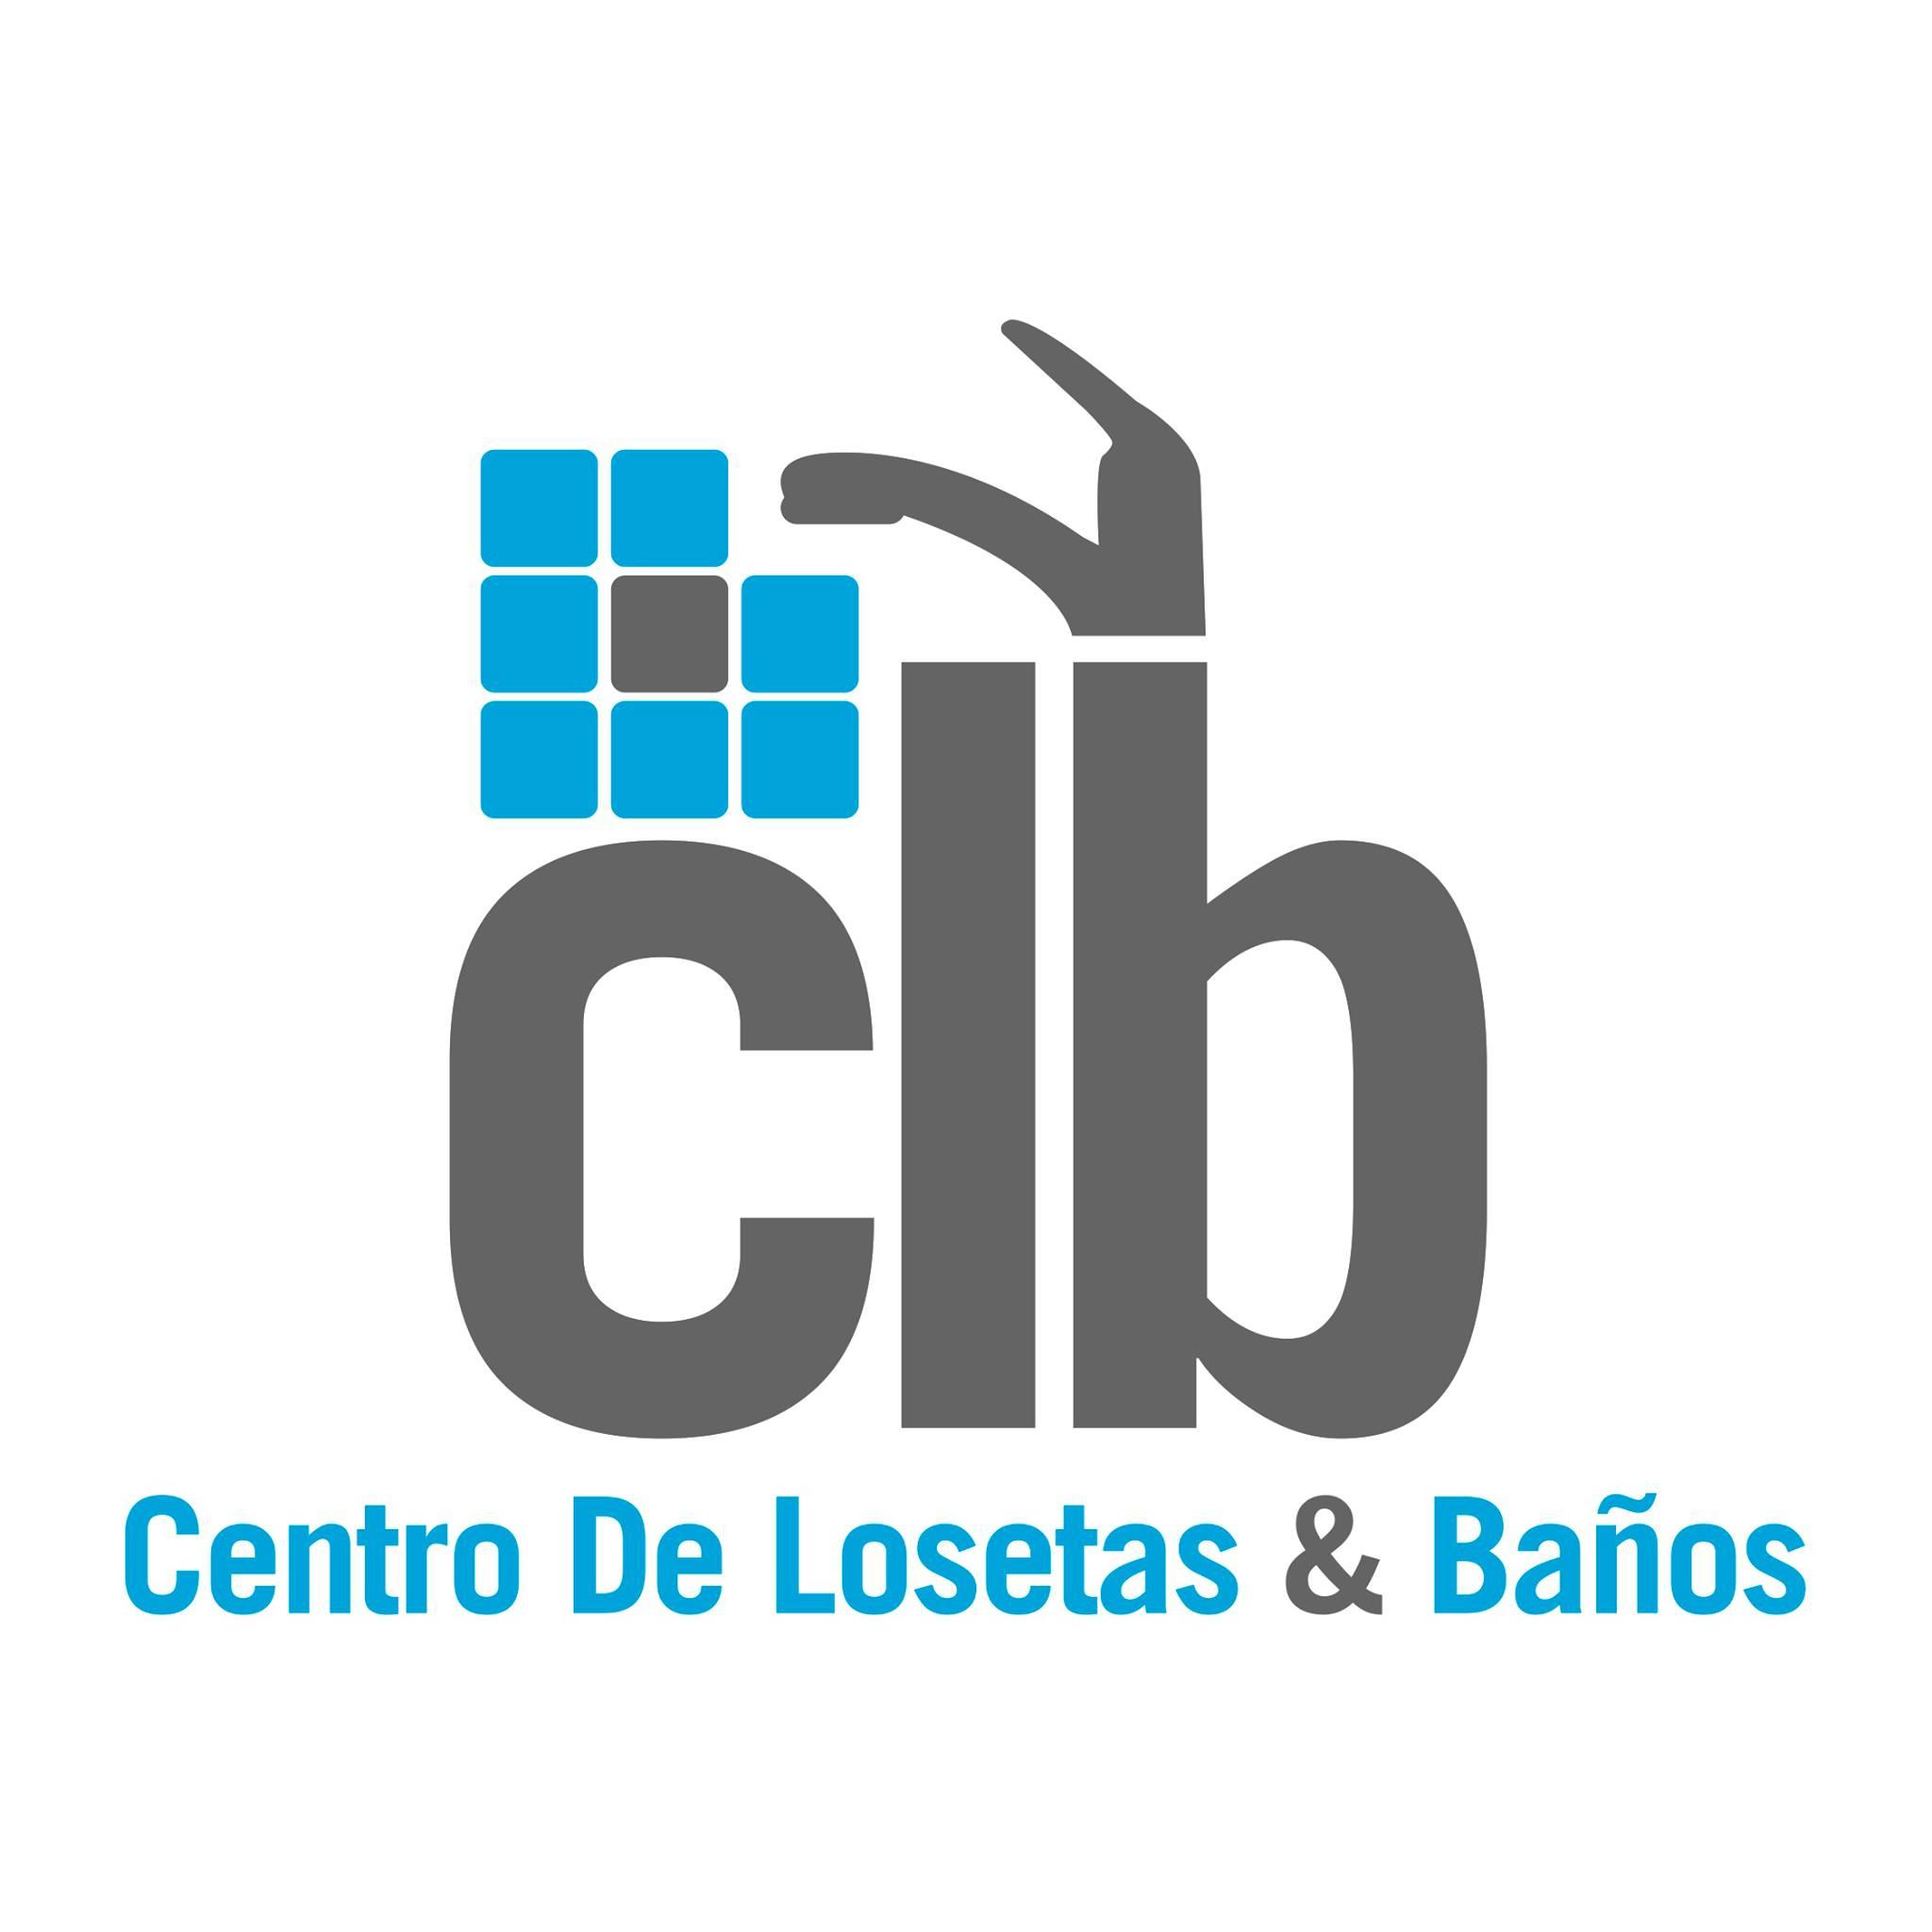 Centro Losetas y Baños